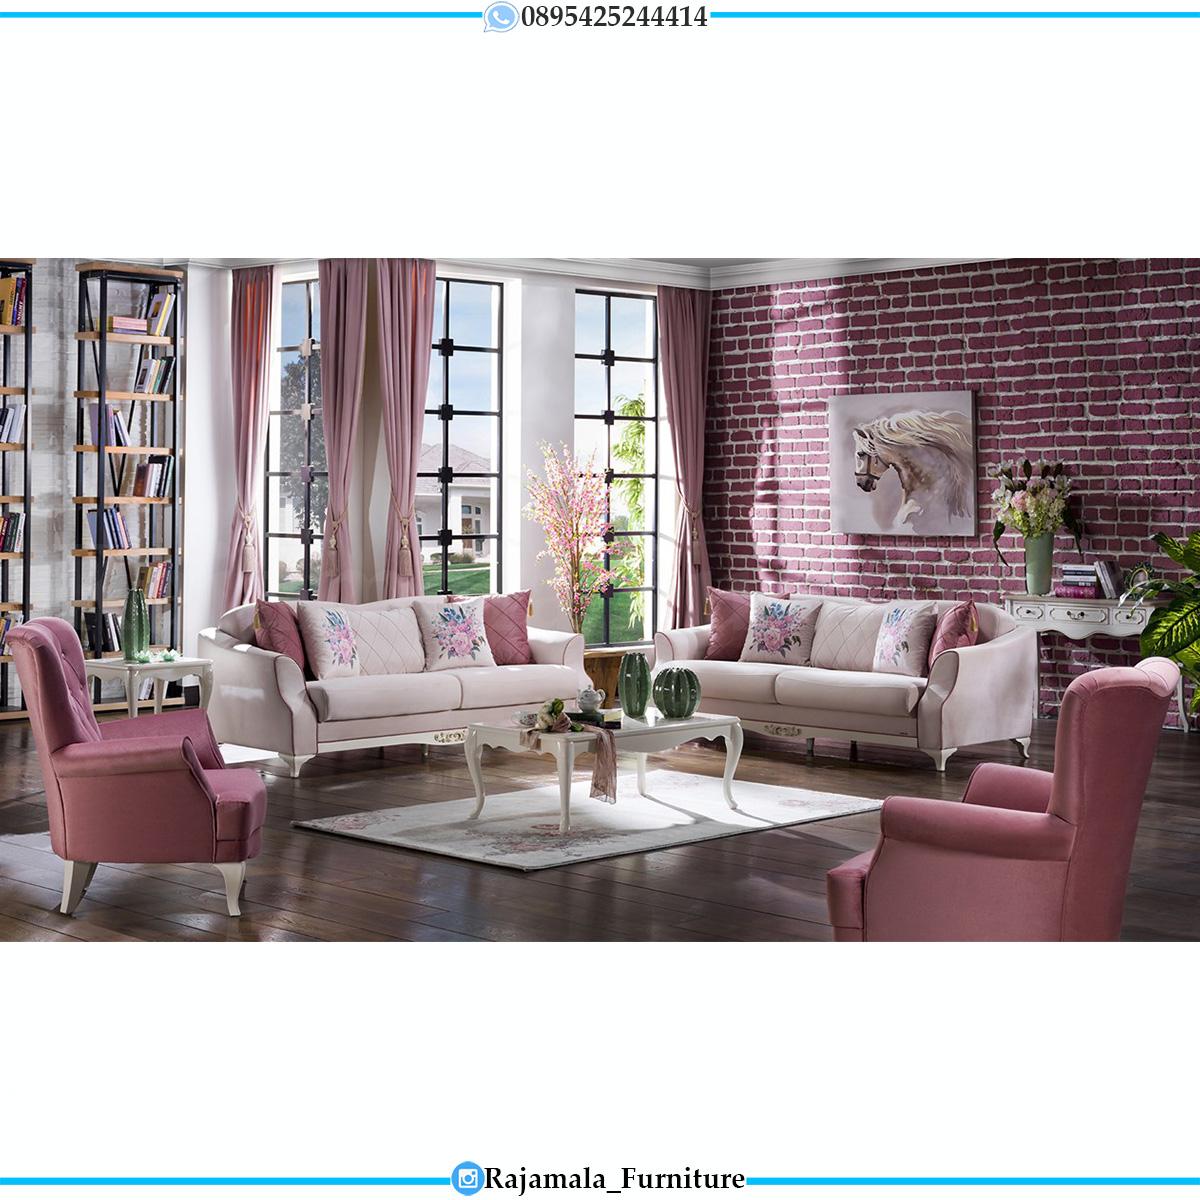 Sofa Ruang Tamu Minimalis Putih Duco Harga Terjangkau & Berkualitas RM-0626